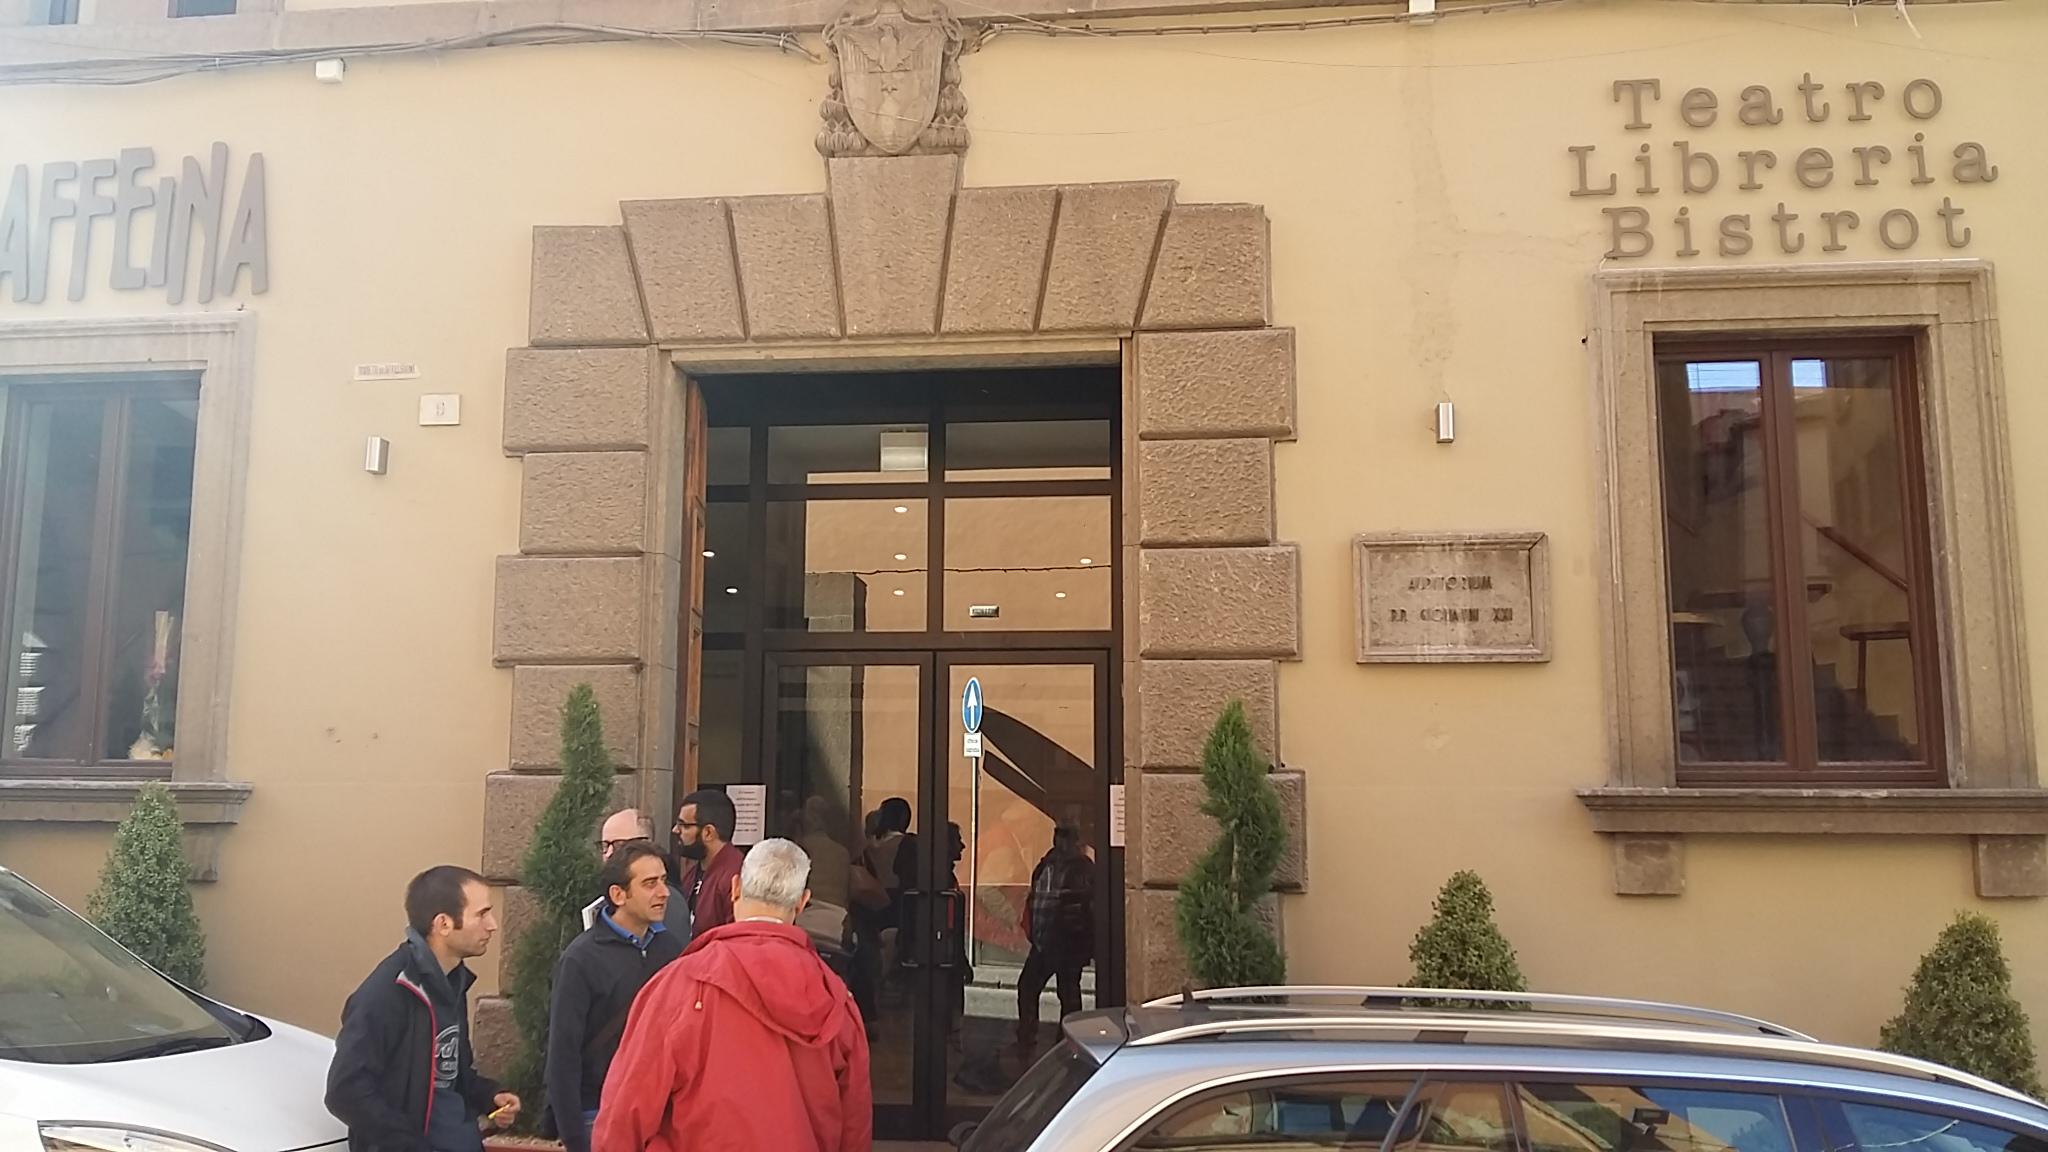 Il Teatro Caffeina inaugura e richiude lo stesso giorno: mancano le autorizzazioni, ma la Fondazione lascia intendere un complotto che non c'è